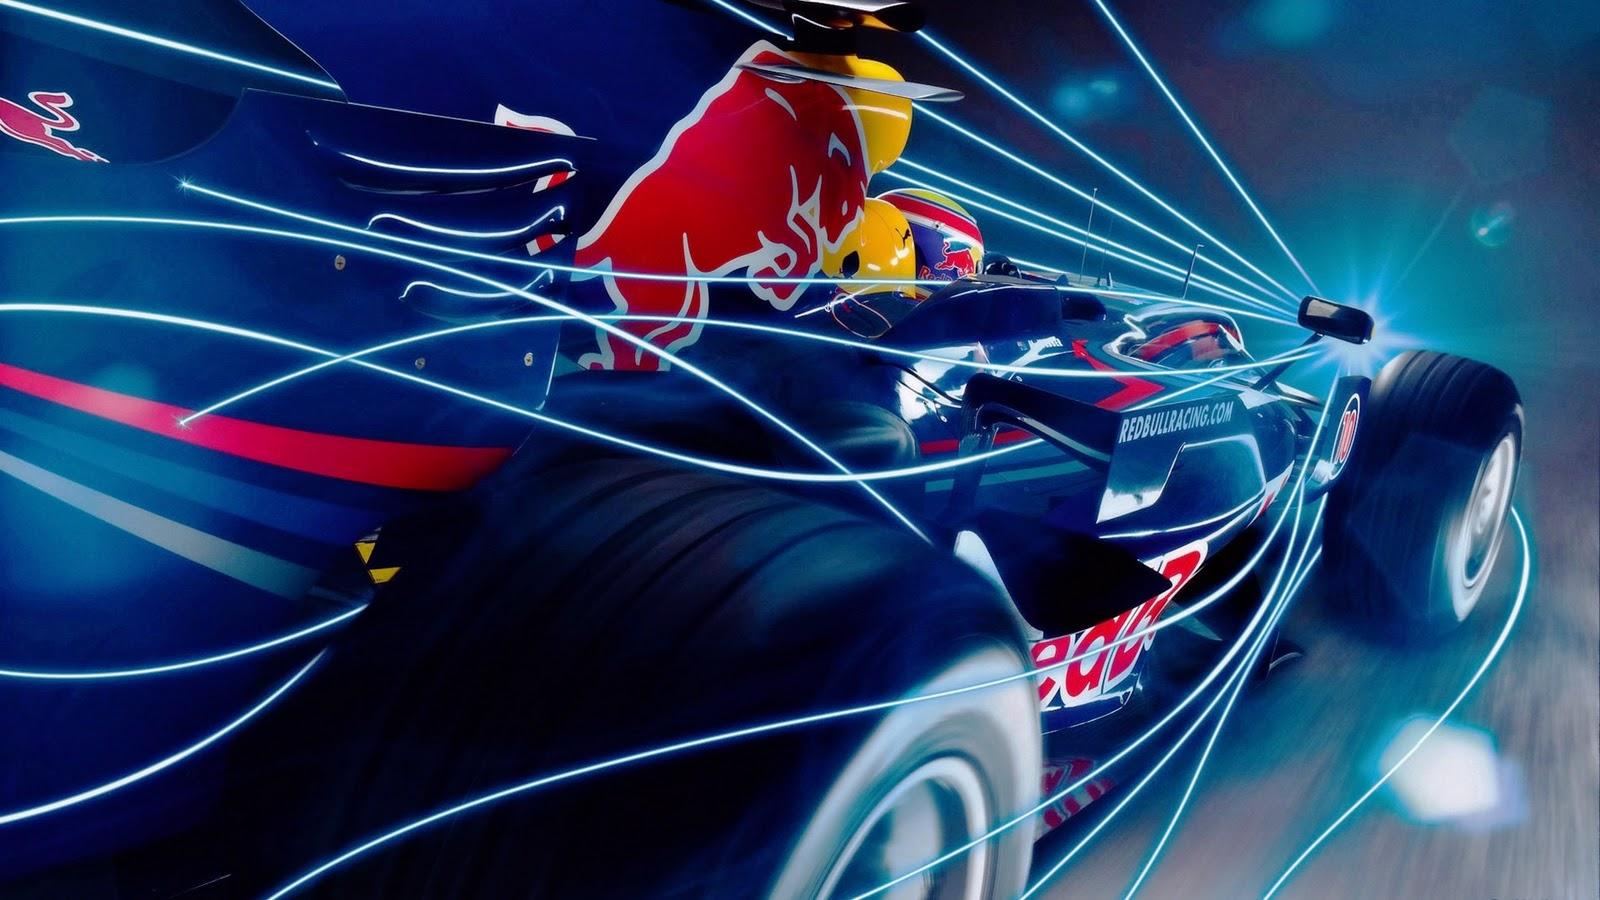 http://3.bp.blogspot.com/-Zm6hP7GJakE/UPYouyMnTSI/AAAAAAAAIX4/c_AdesFgDP0/s1600/Red-Bull-Logo-centre13.jpg